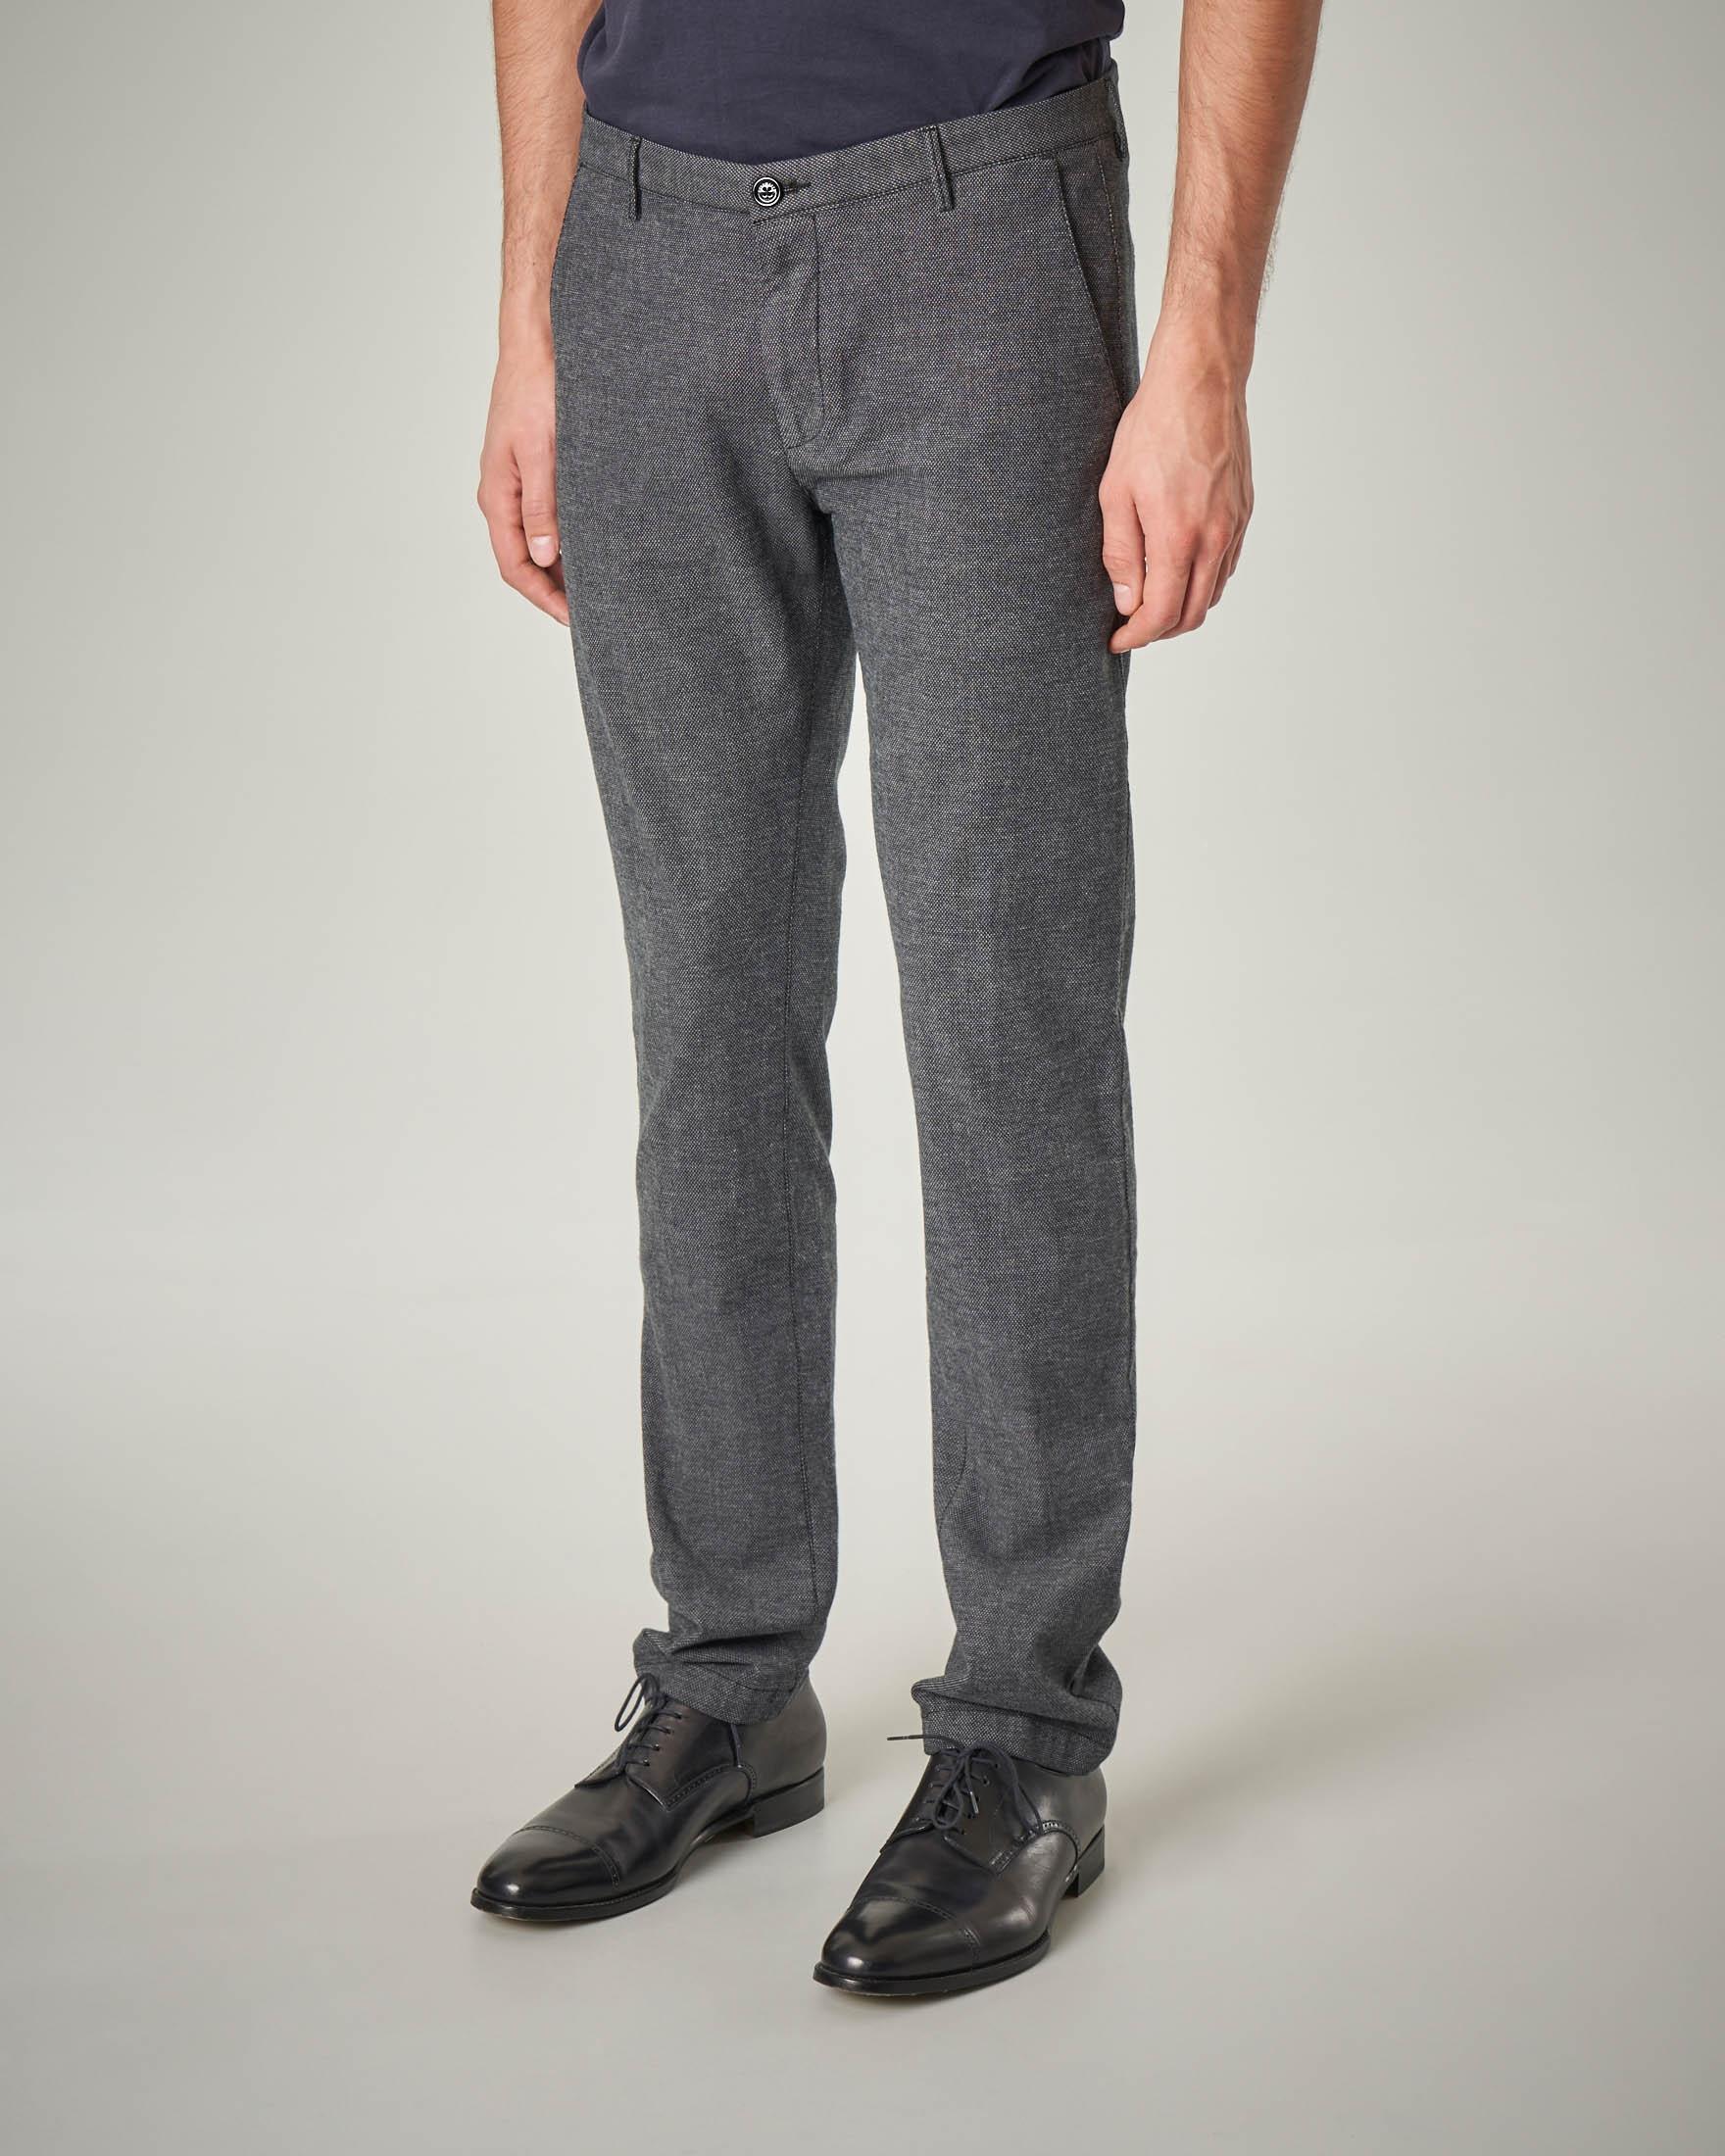 Pantalone grigio tessuto strutturato